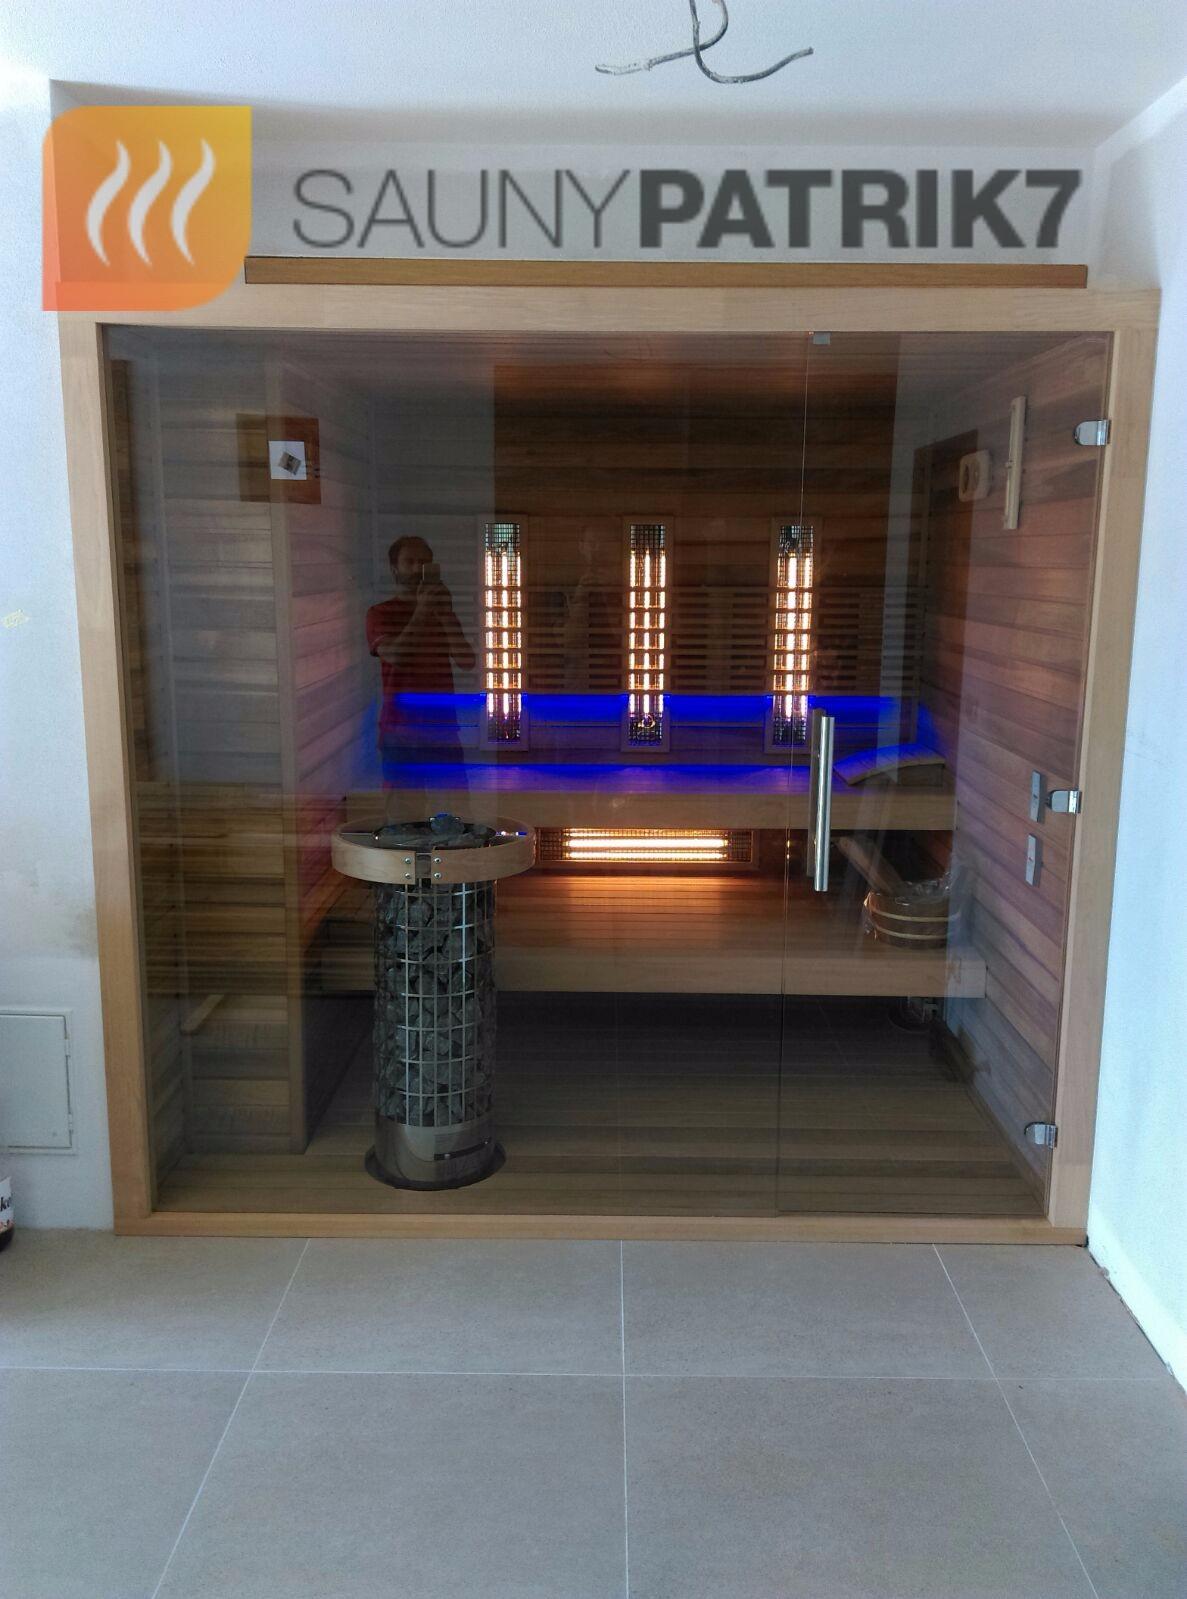 kombinovana sauna sauny patrik 7